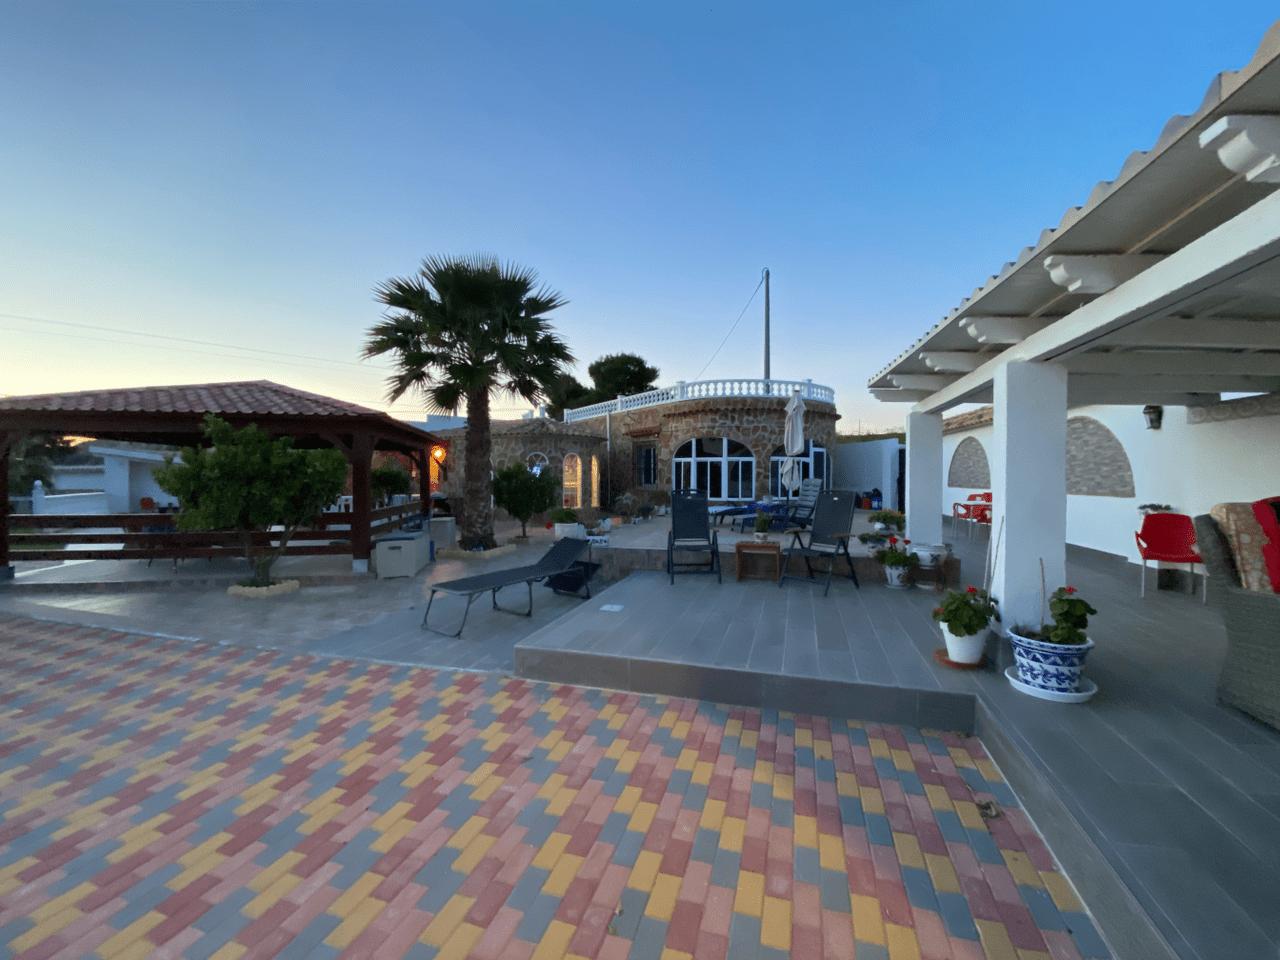 Finca/Campo med fantastisk utsikt og gjestehus til salgs – må ses!